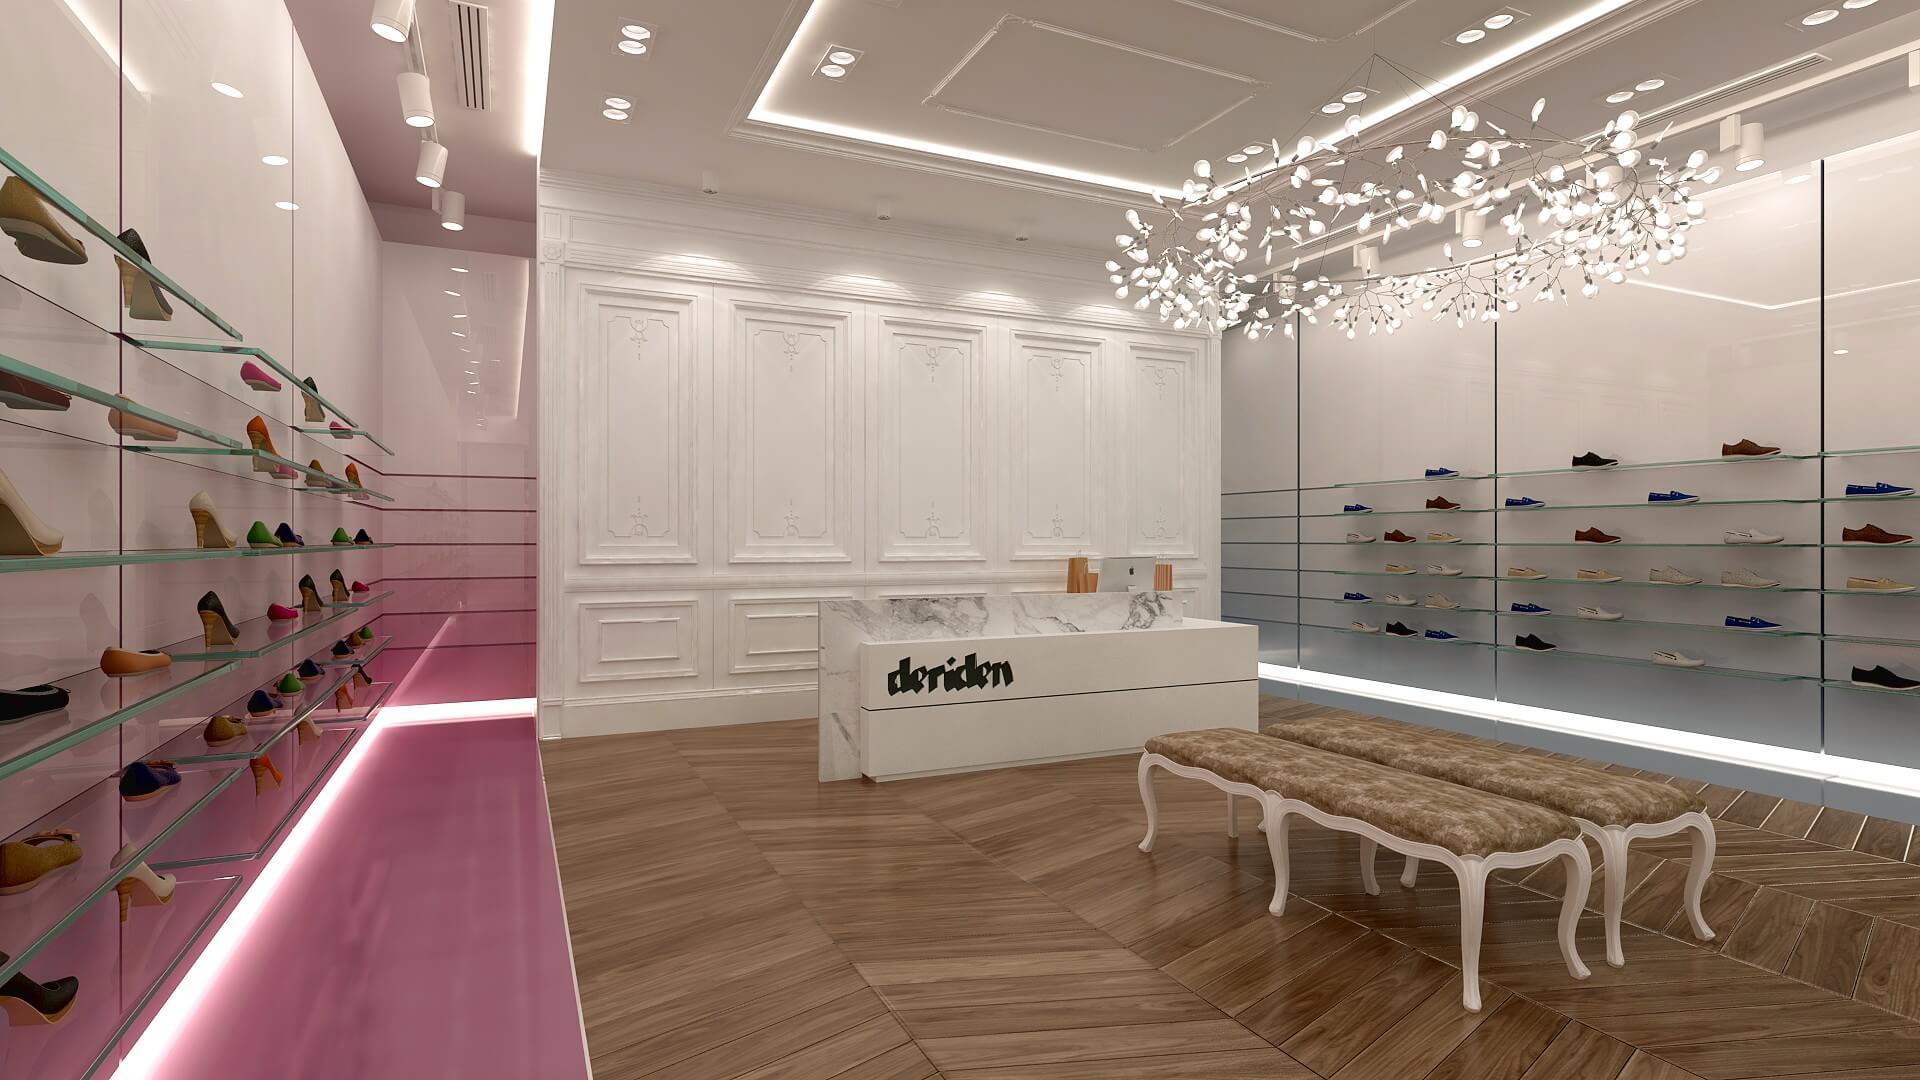 Mağaza Tasarımları ve İçmimari Dekorasyonu Deriden Konsept